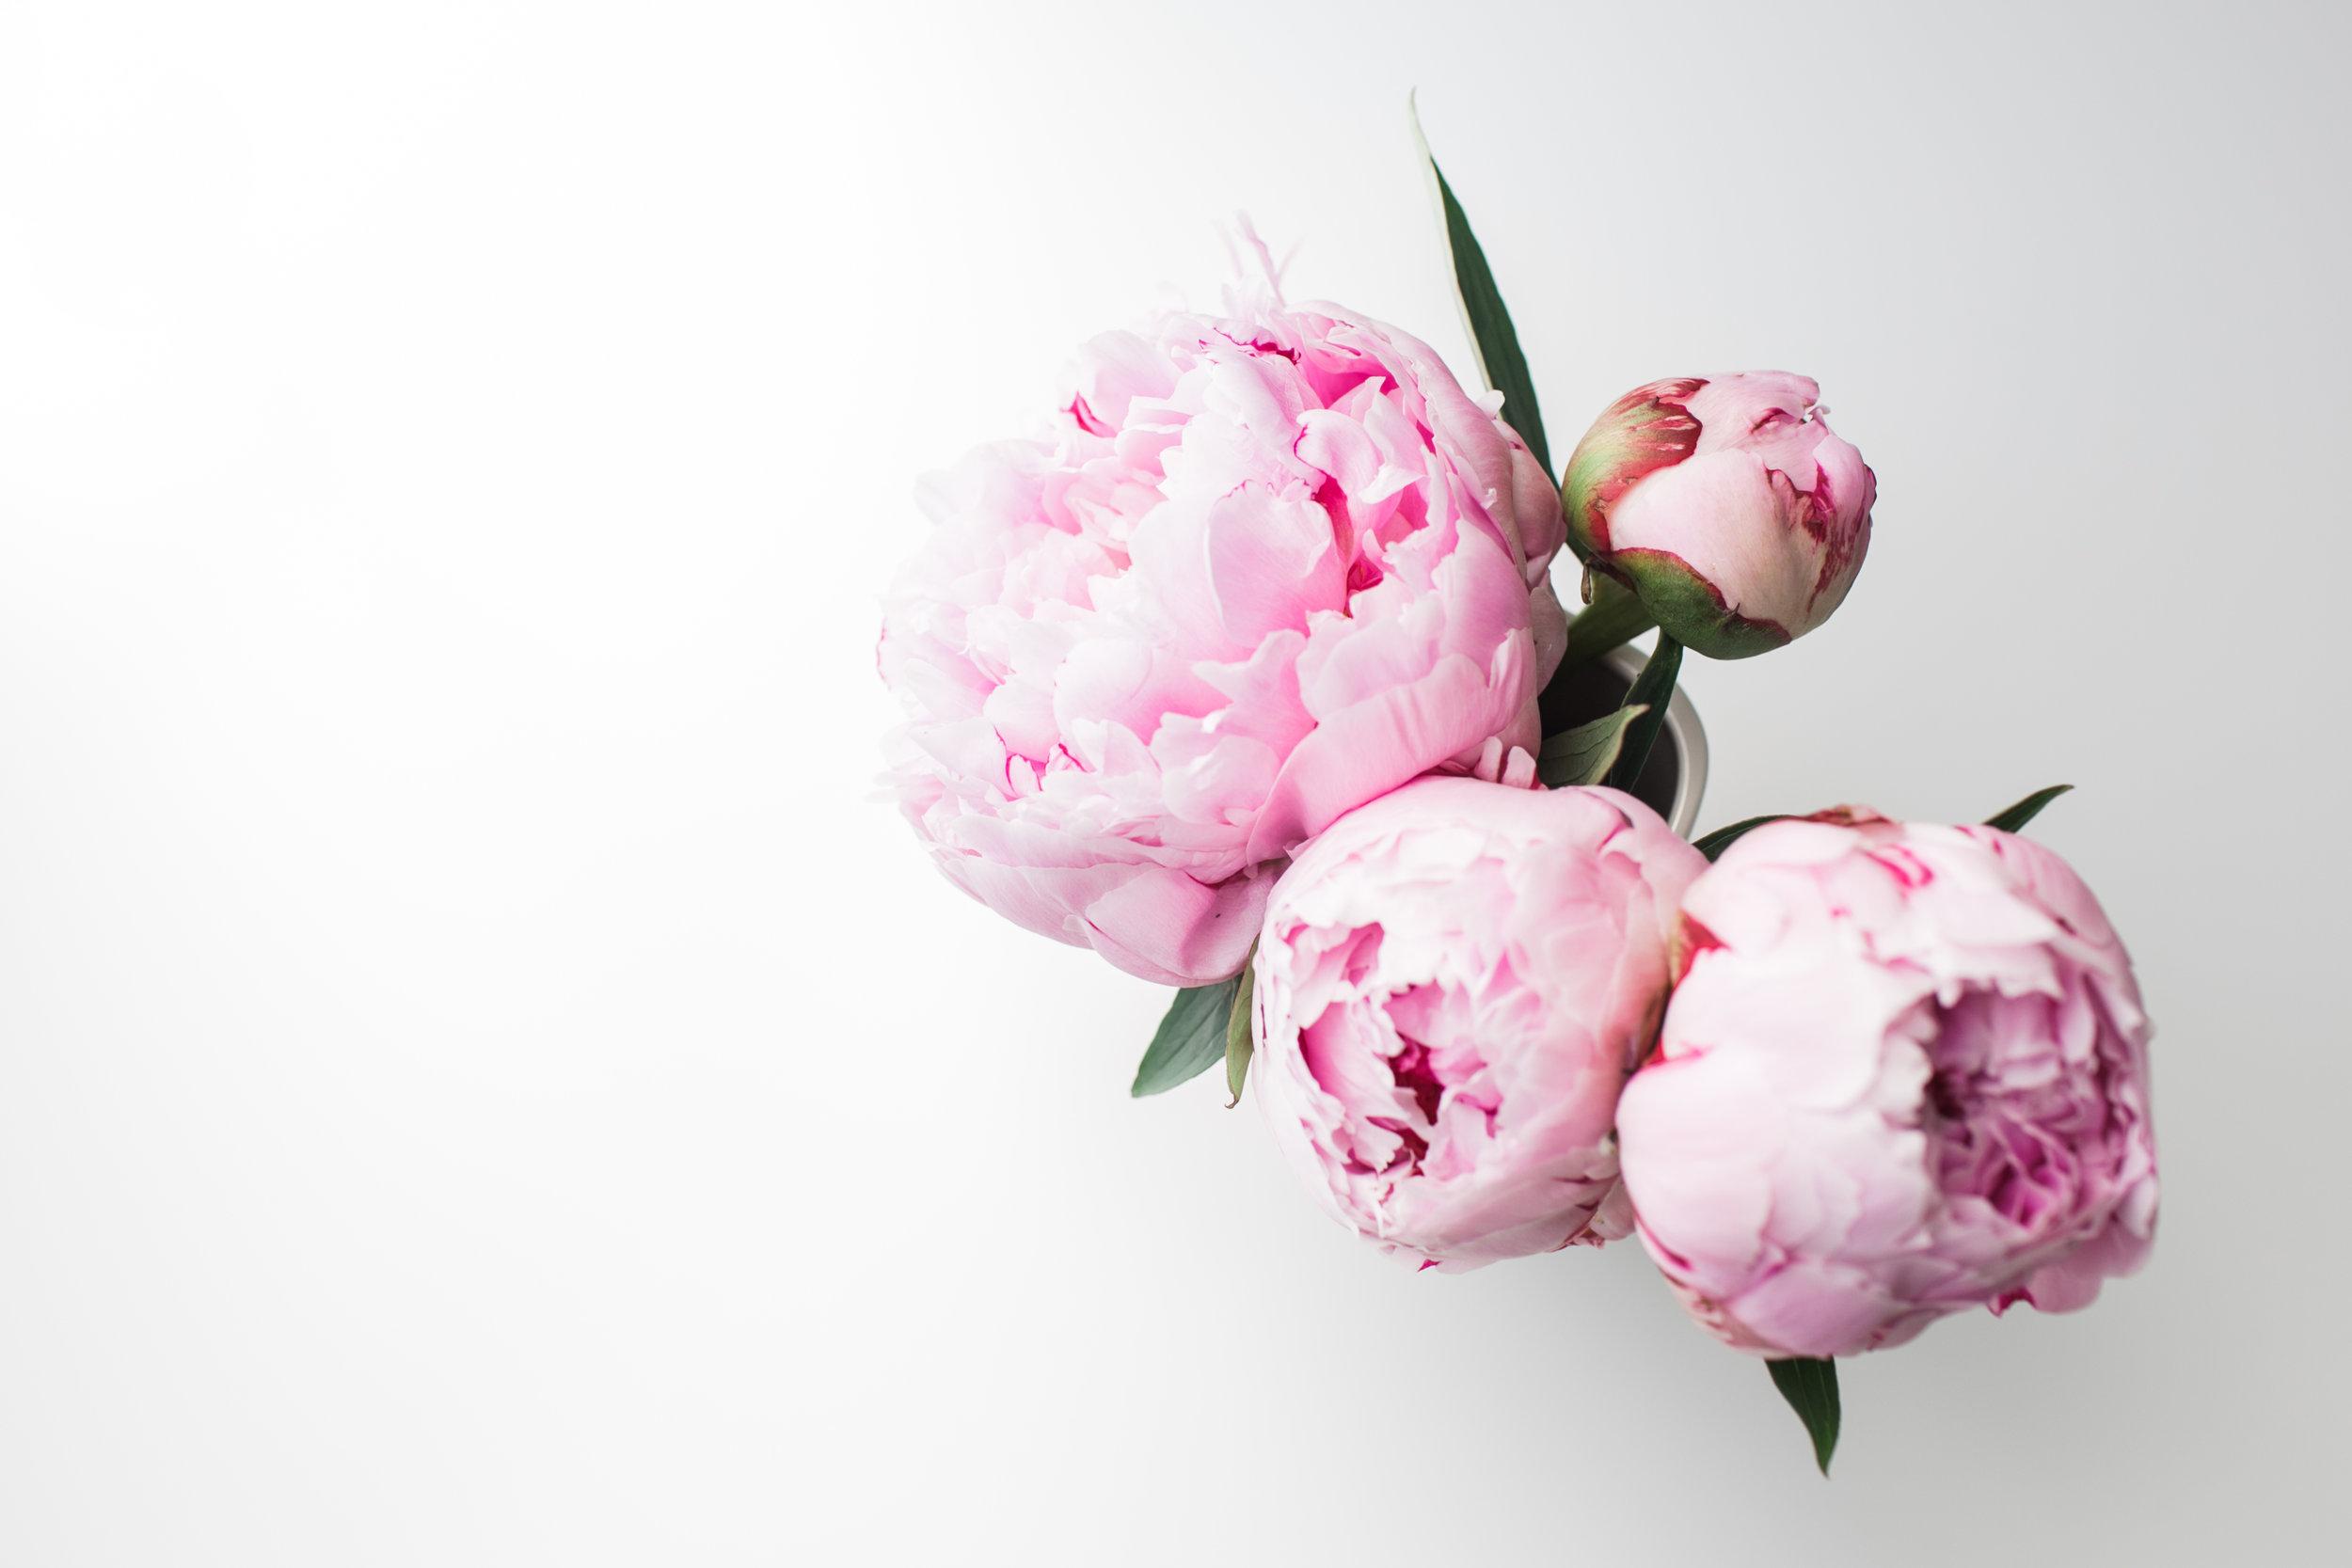 LG-PinkPeonies-01.jpg